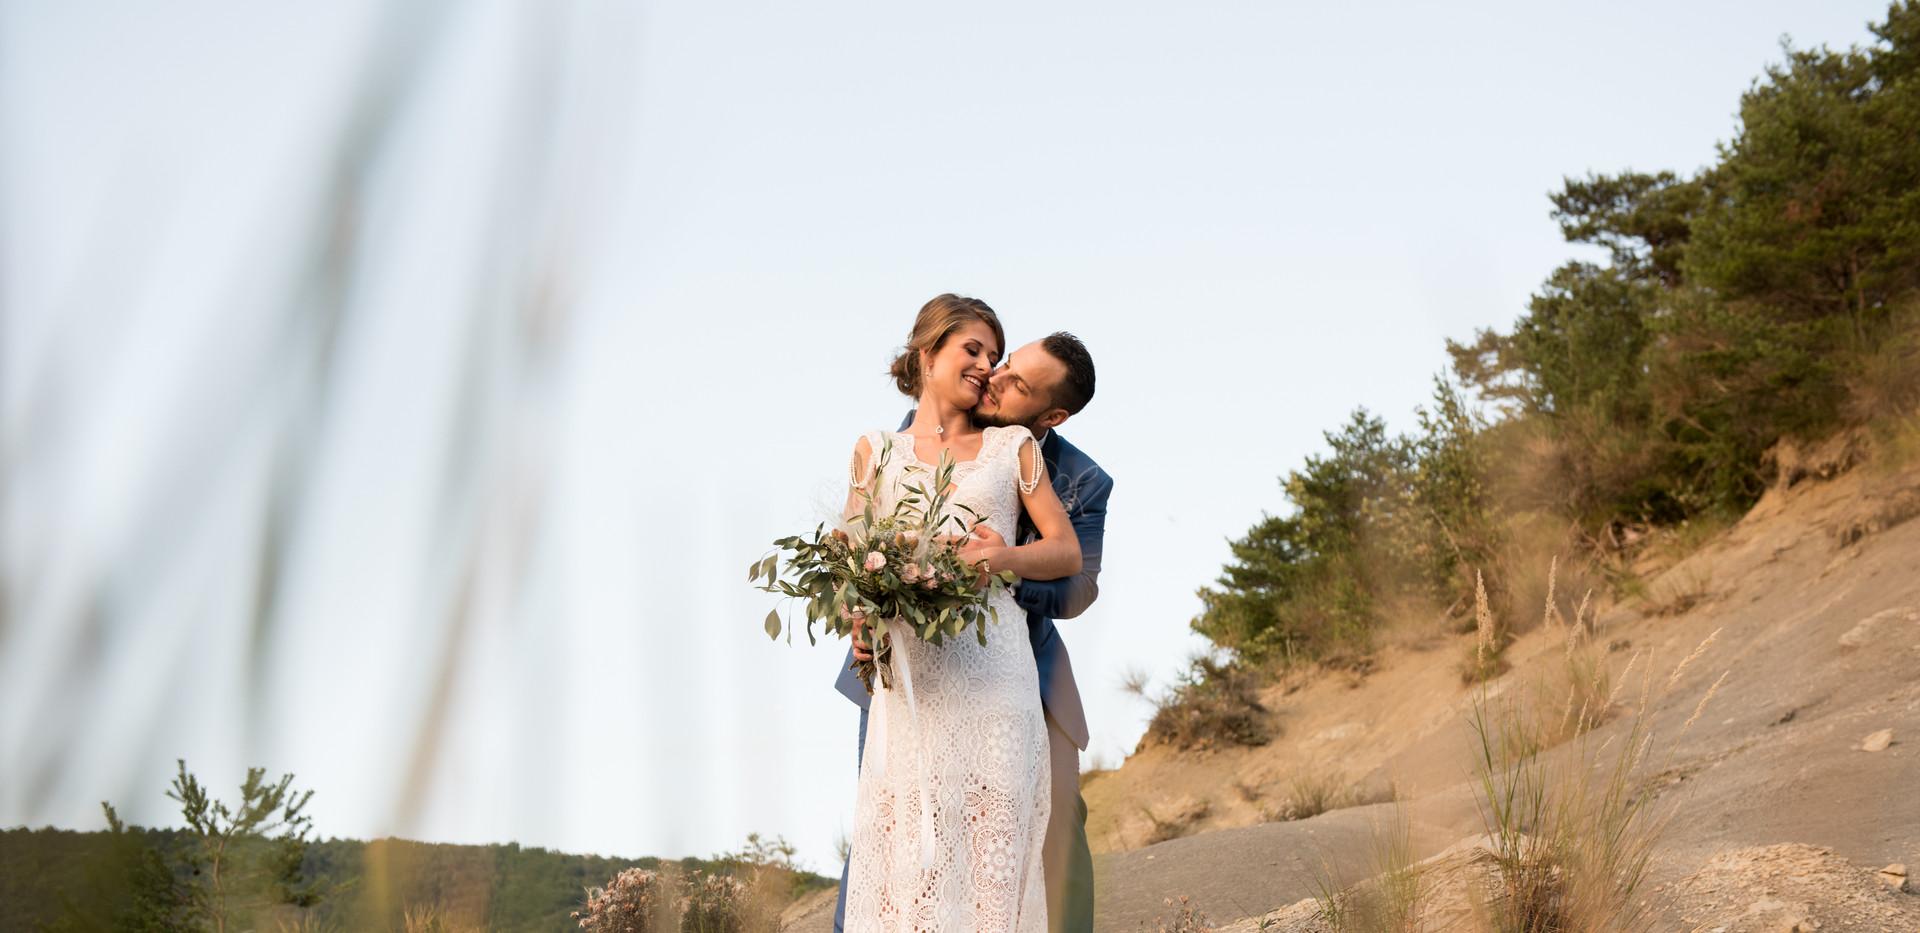 cecile cayon-scene de mariage-358.jpg